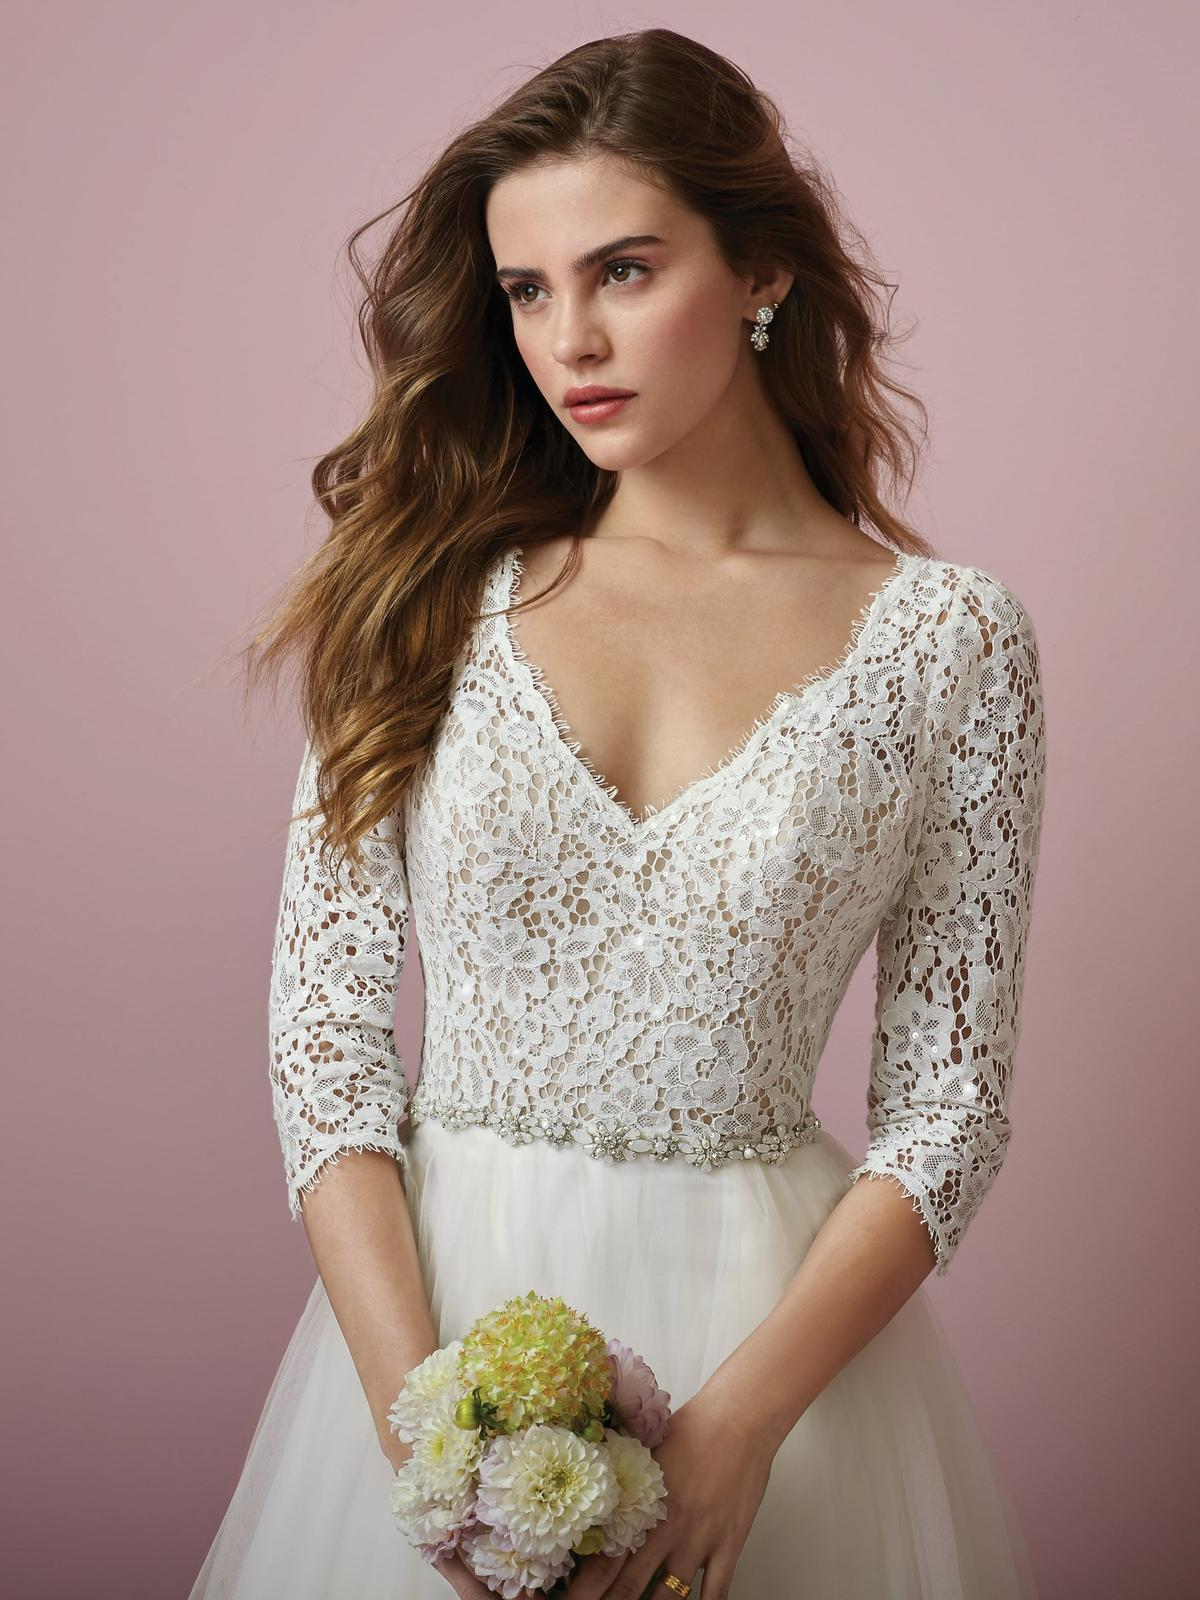 Nové svadobné šaty ♥ SCARLET ♥ v Žiline - SCARLET (nová kolekcia)